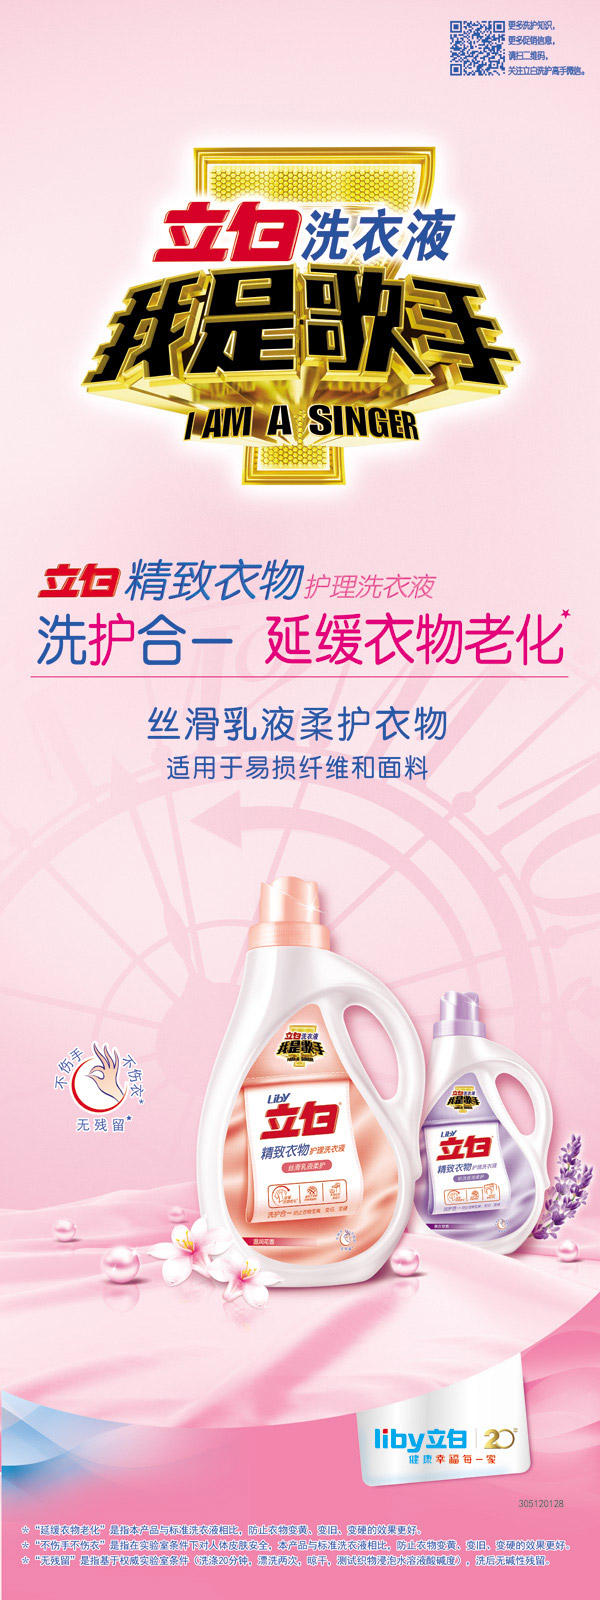 立白洗衣液广告_立白洗衣液展架_素材中国sccnn.com